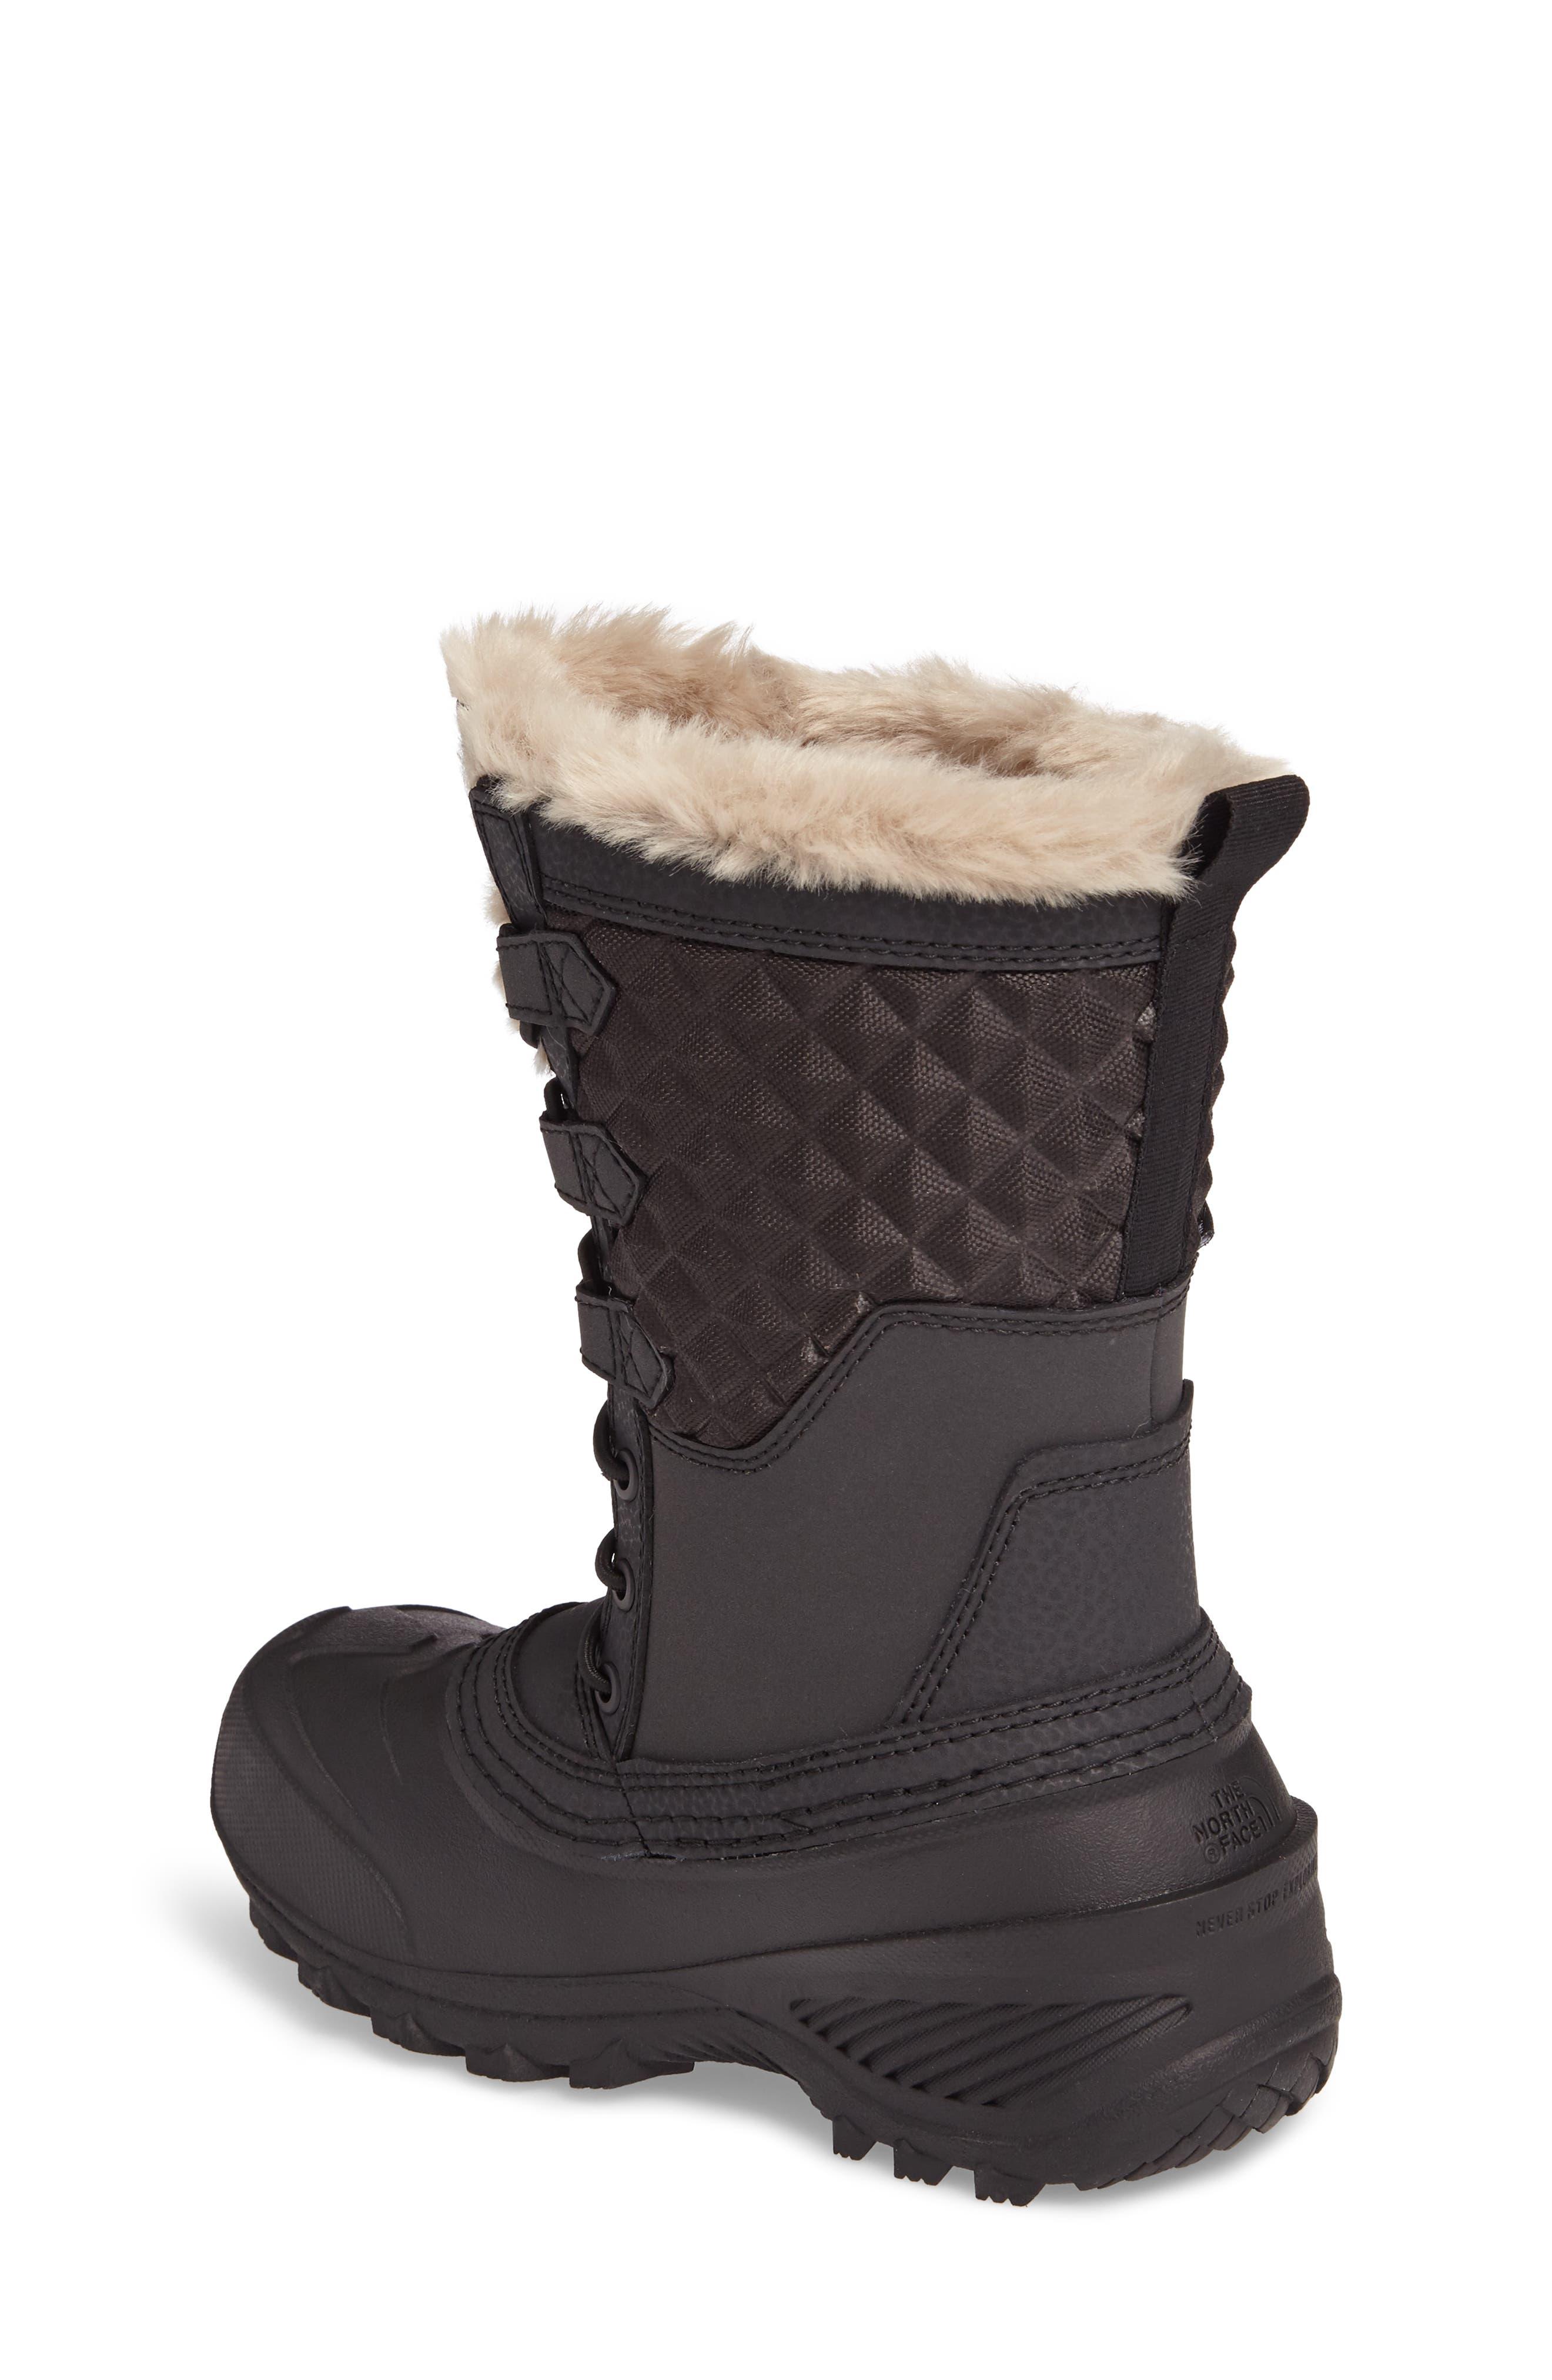 Shellista Lace III Faux Fur Waterproof Boot,                             Alternate thumbnail 4, color,